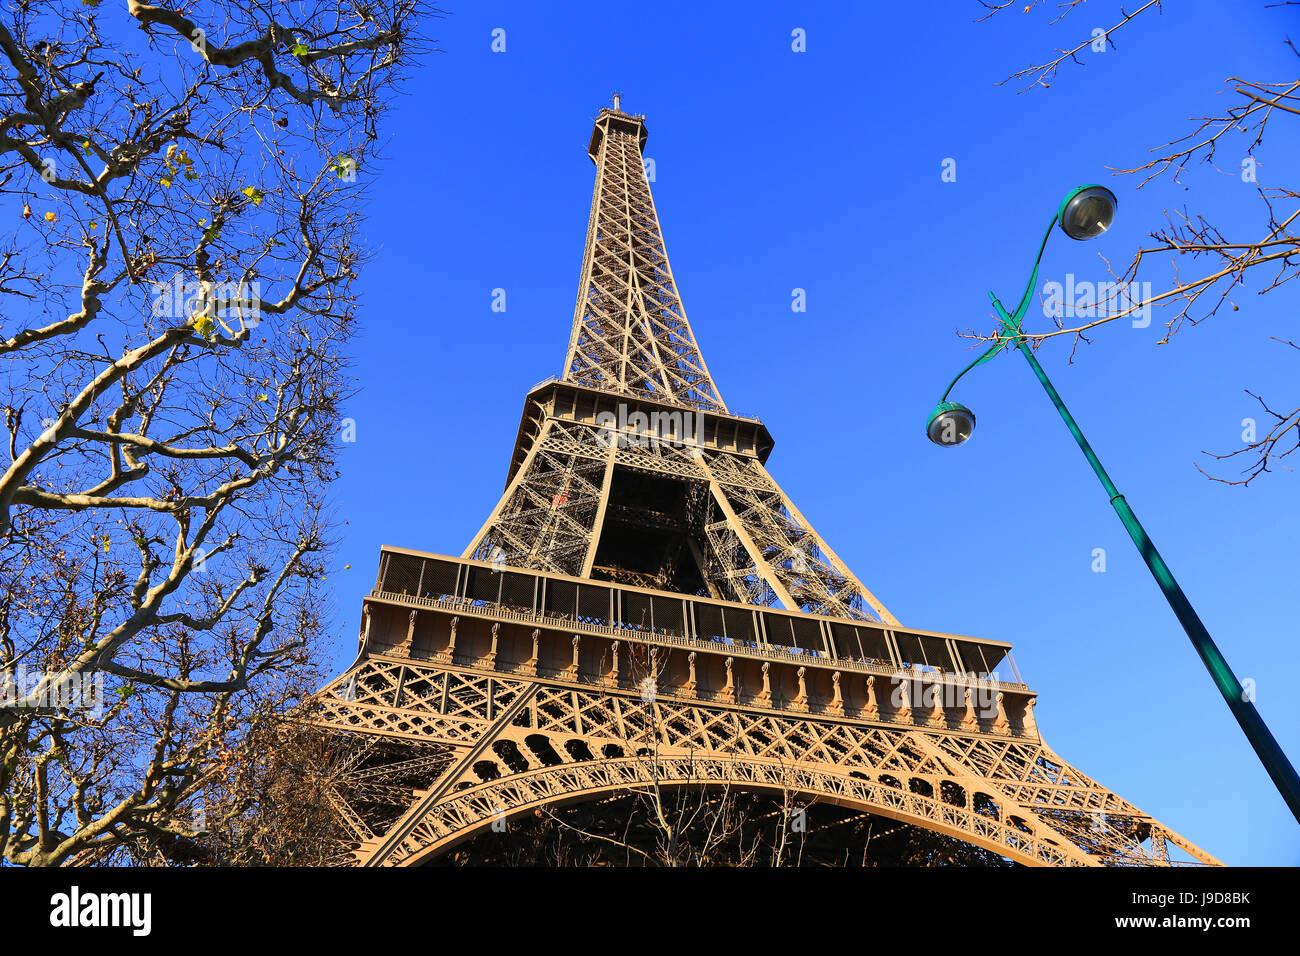 Eiffel Tower, Paris, Ile de France, France, Europe - Stock Image